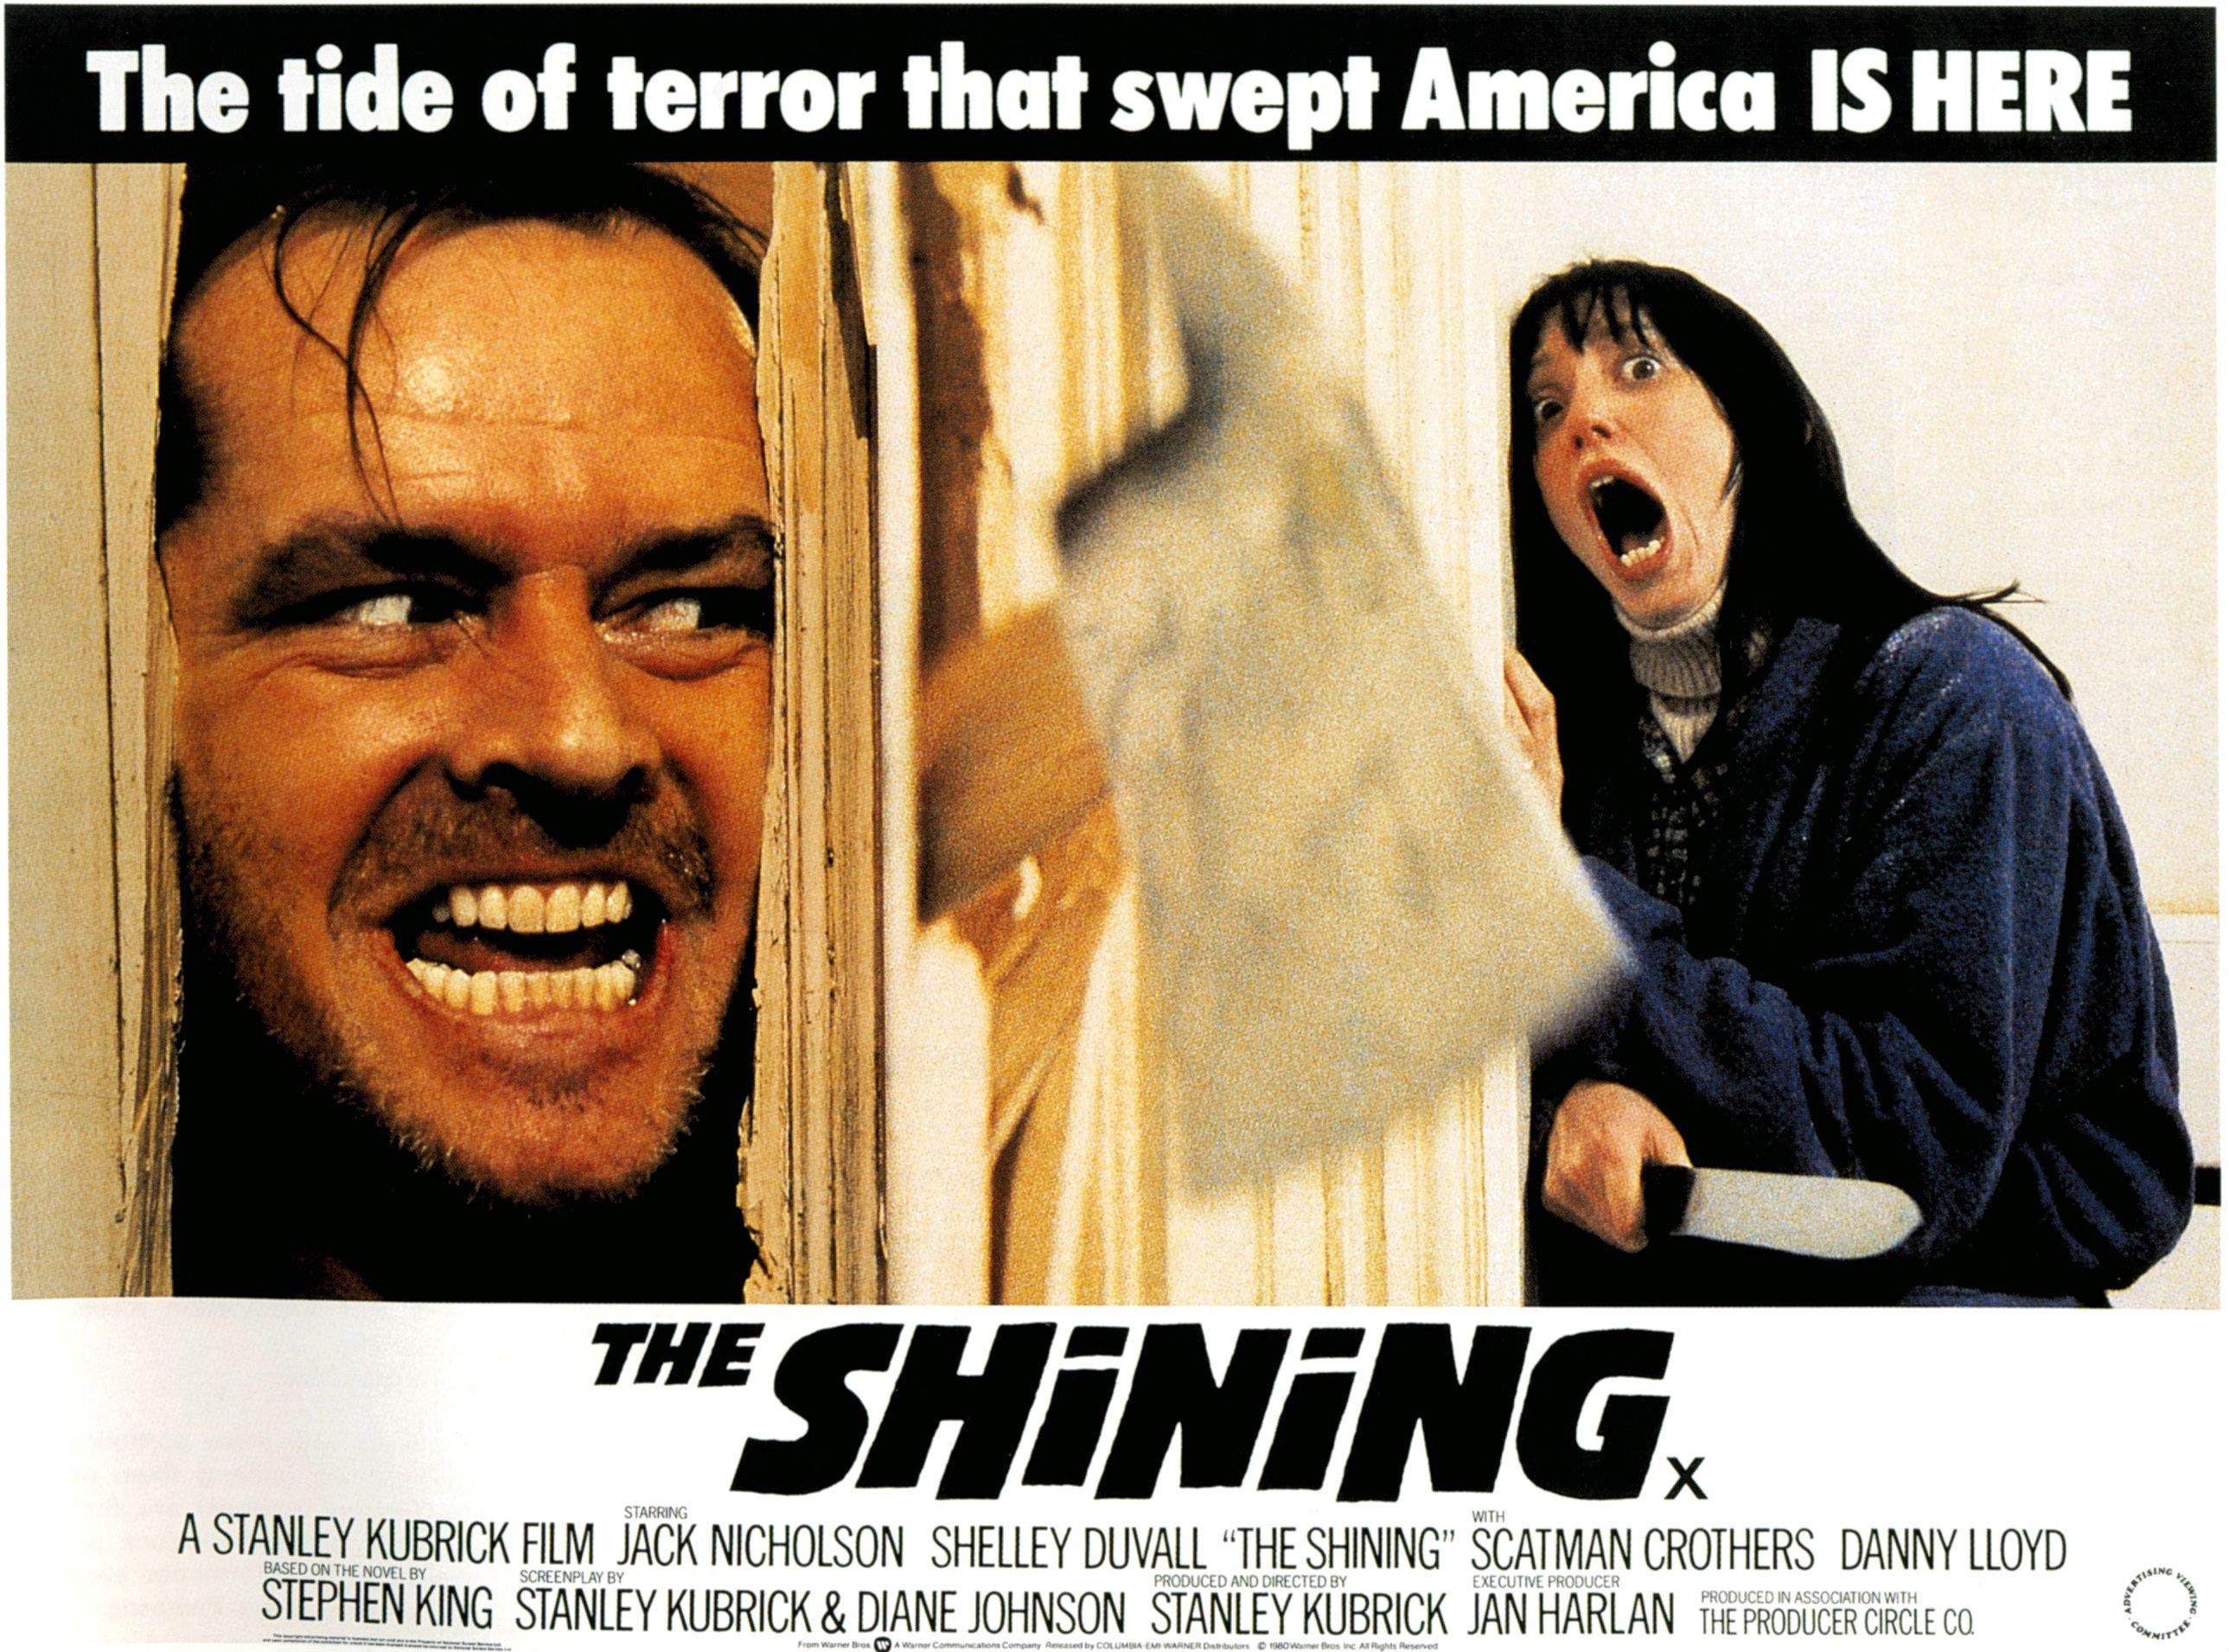 horror thriller dark movie film classic poster wallpaper background 2578x1911